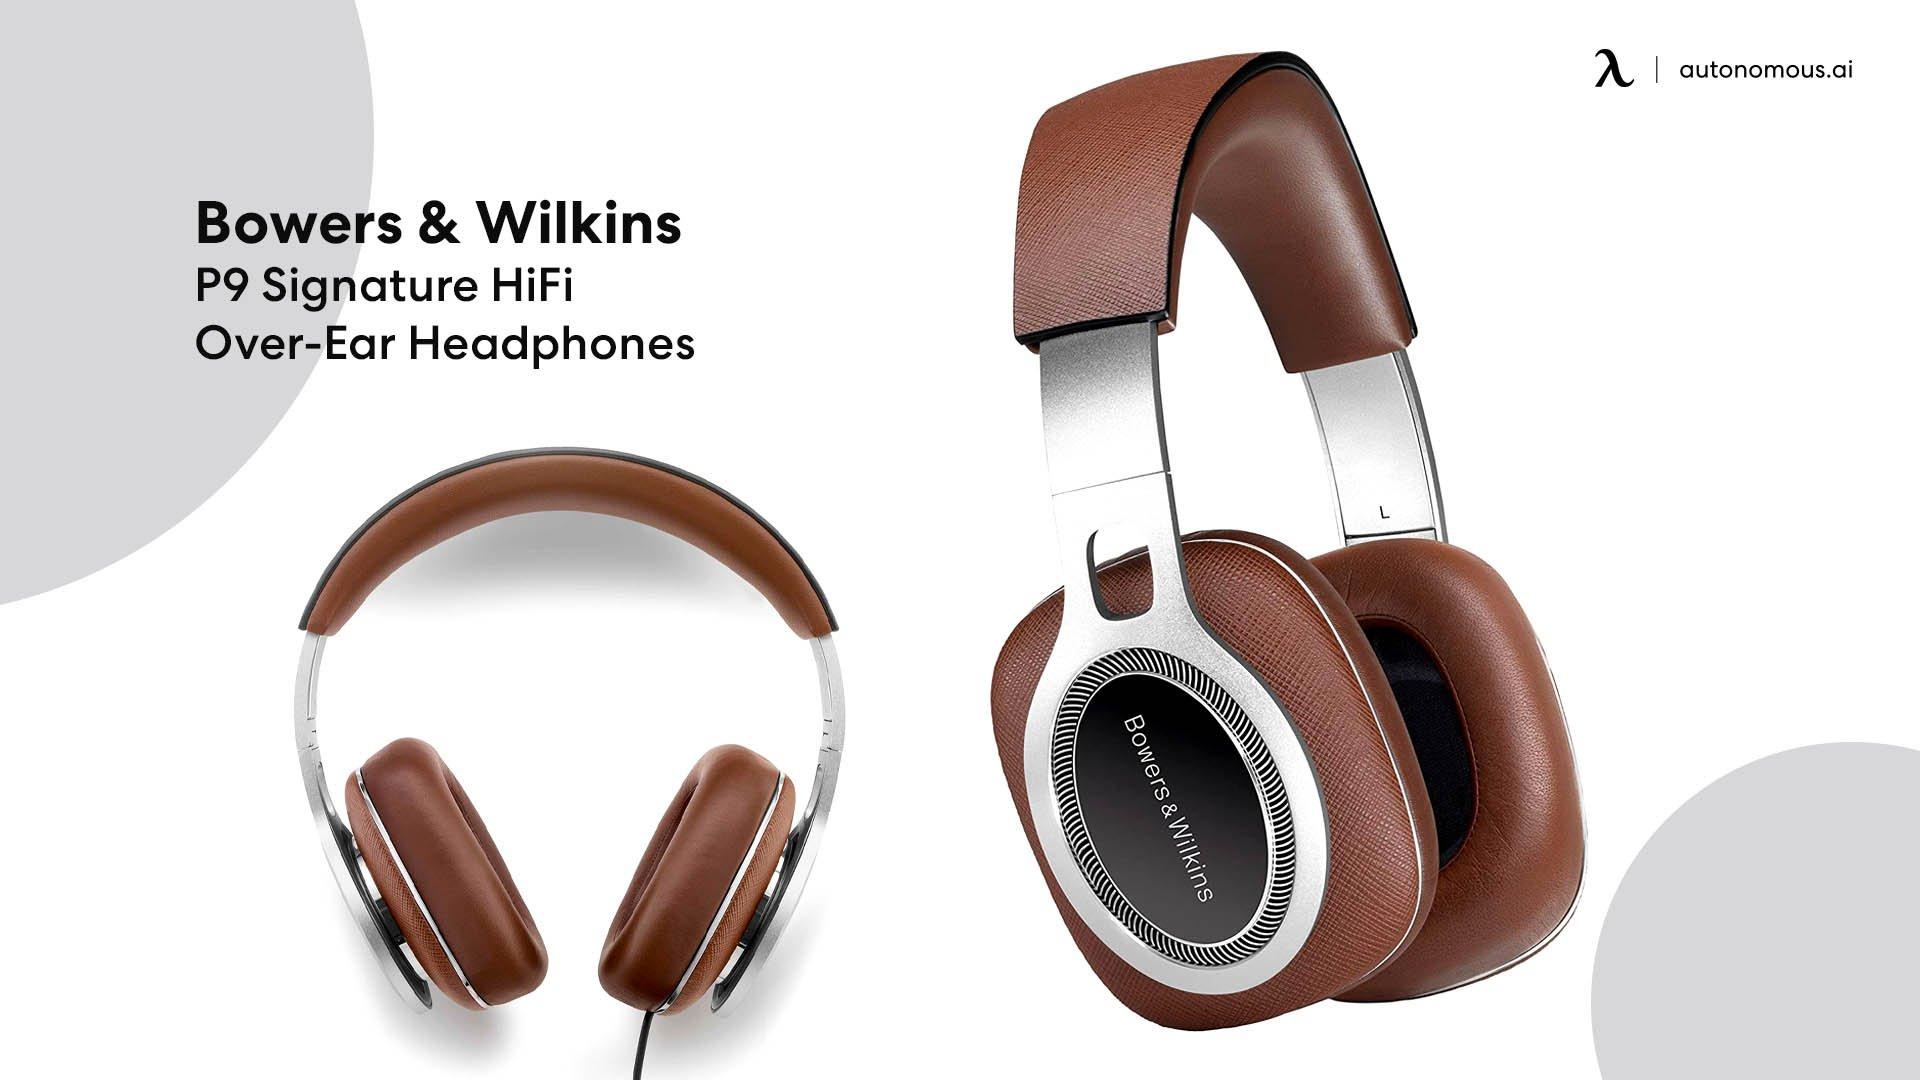 Bowers & Wilkins Headphone